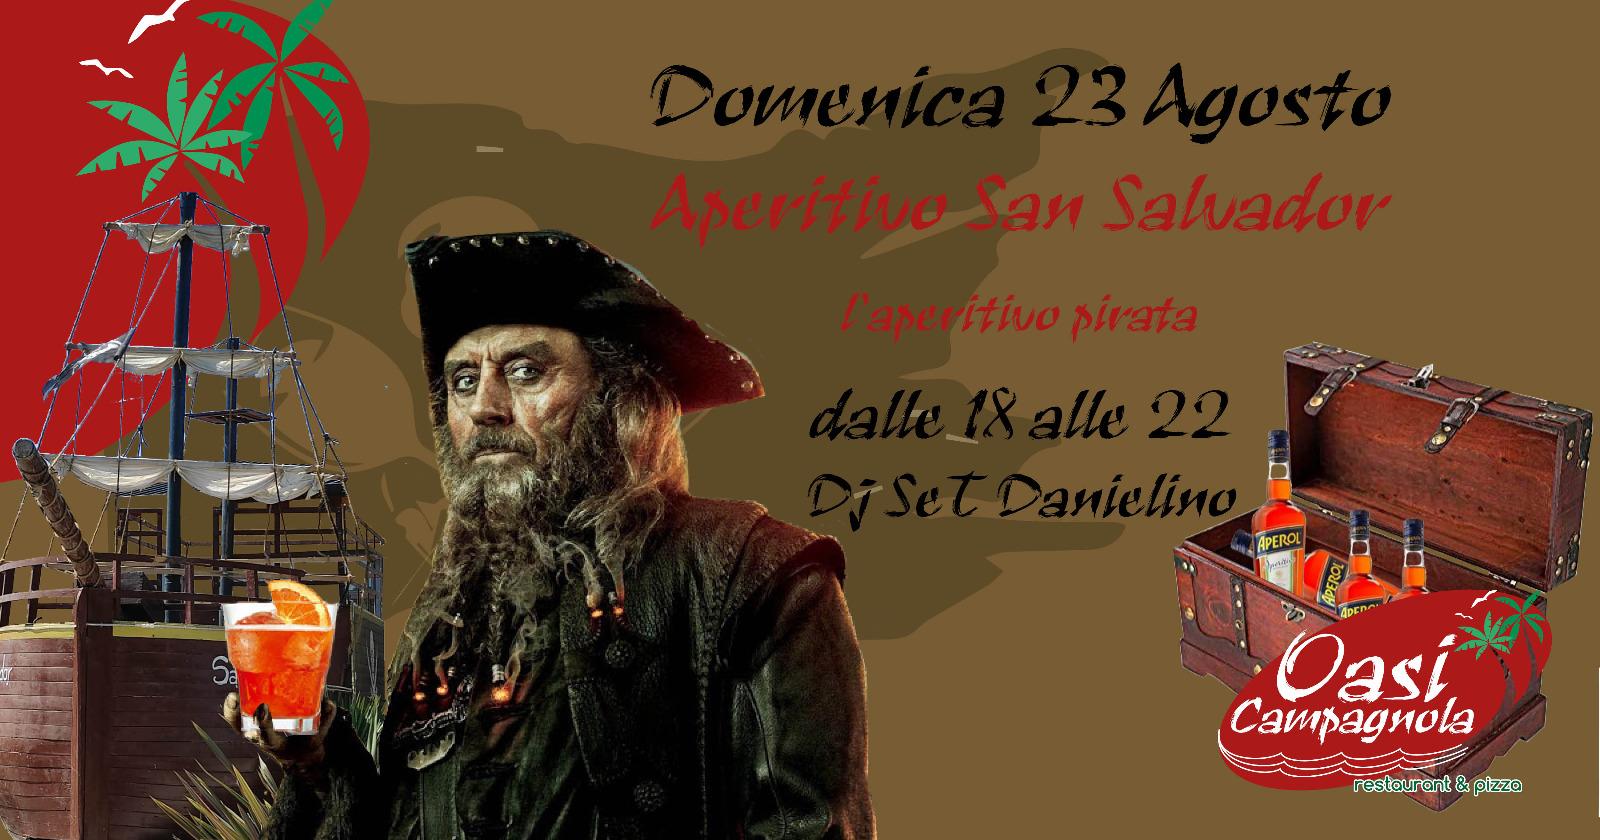 oasicampagnola-23_agosto-aperitivo-san-salvador